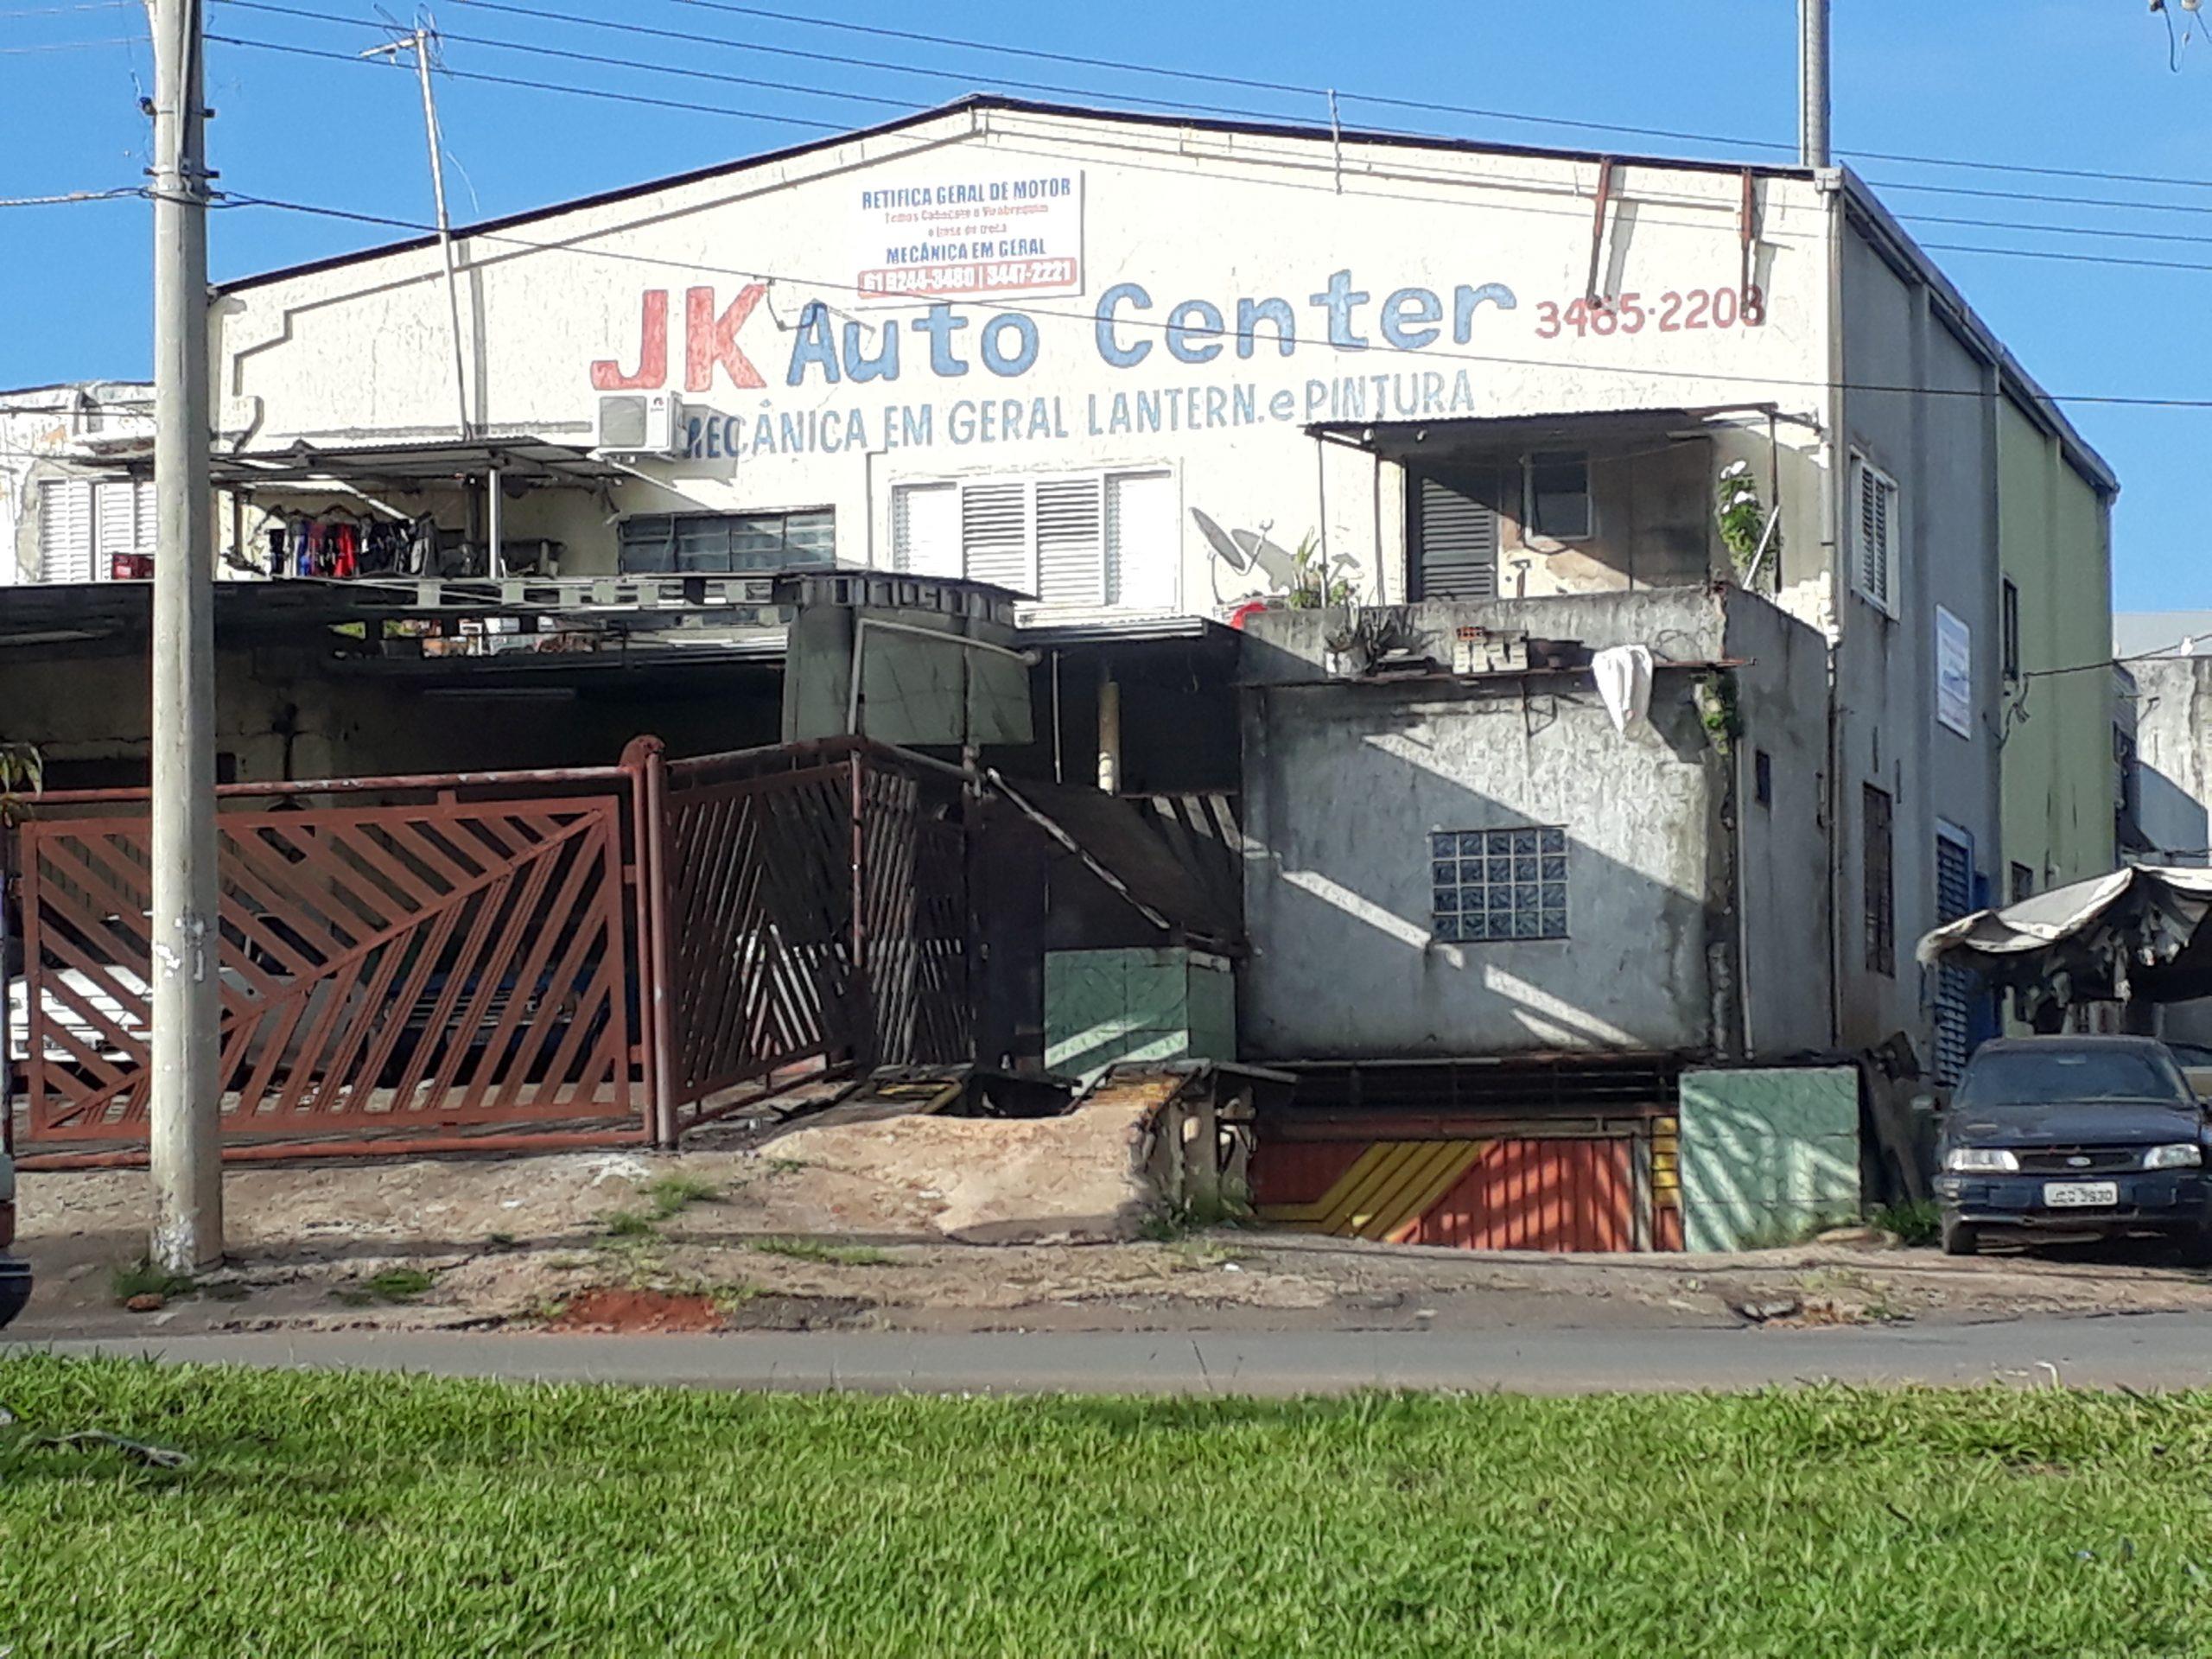 Photo of JK AUTO CENTER, SOF NORTE